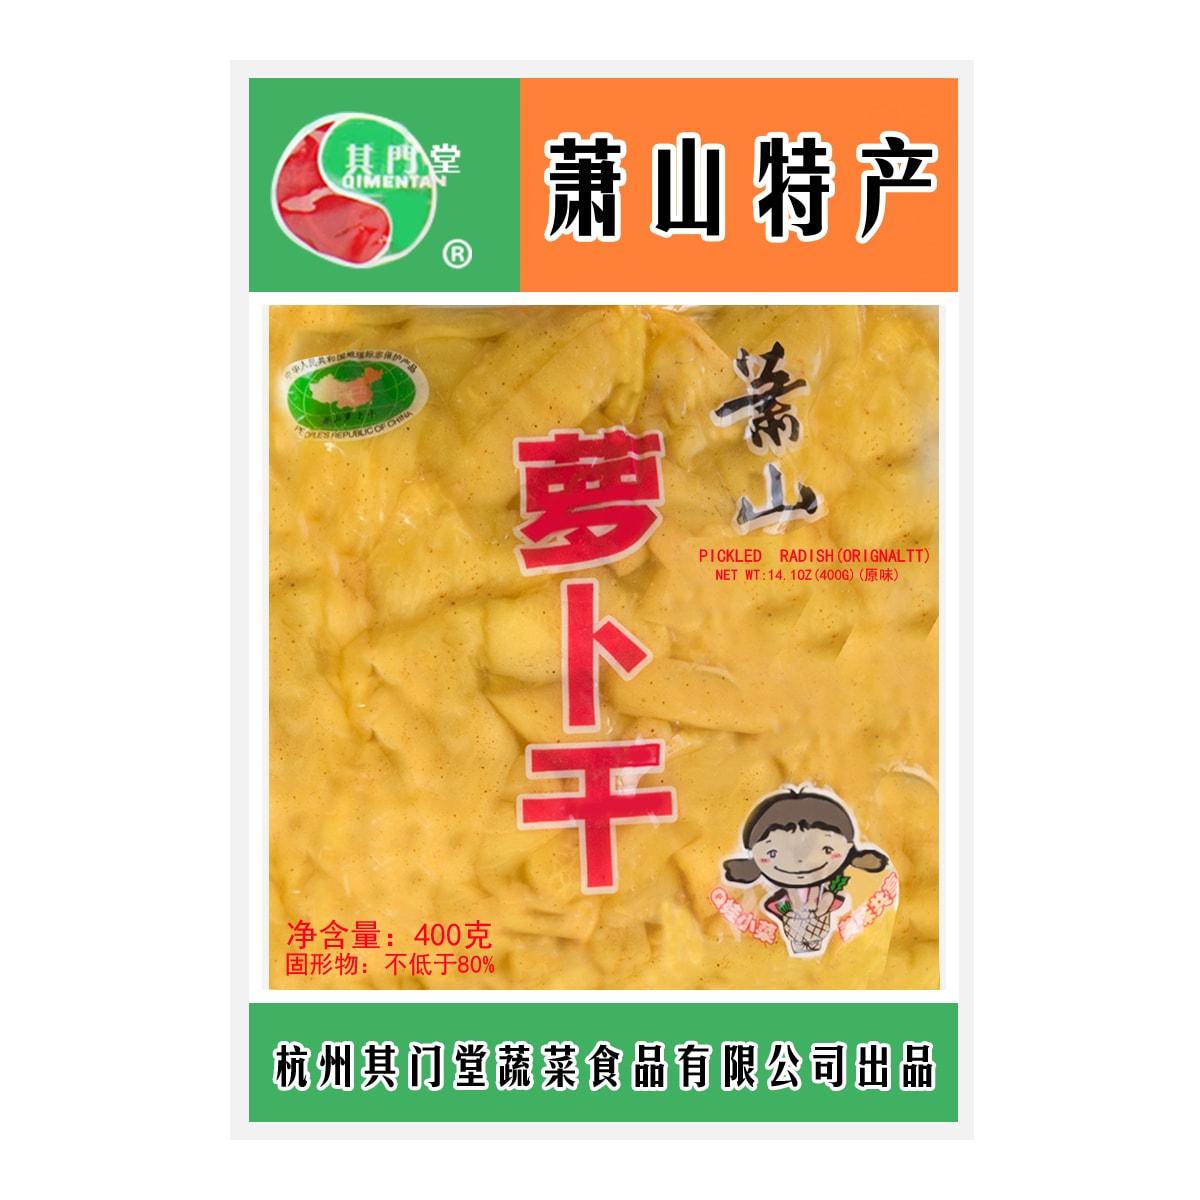 【清仓】其门堂 萧山萝卜干 原味  400g  萧山特产